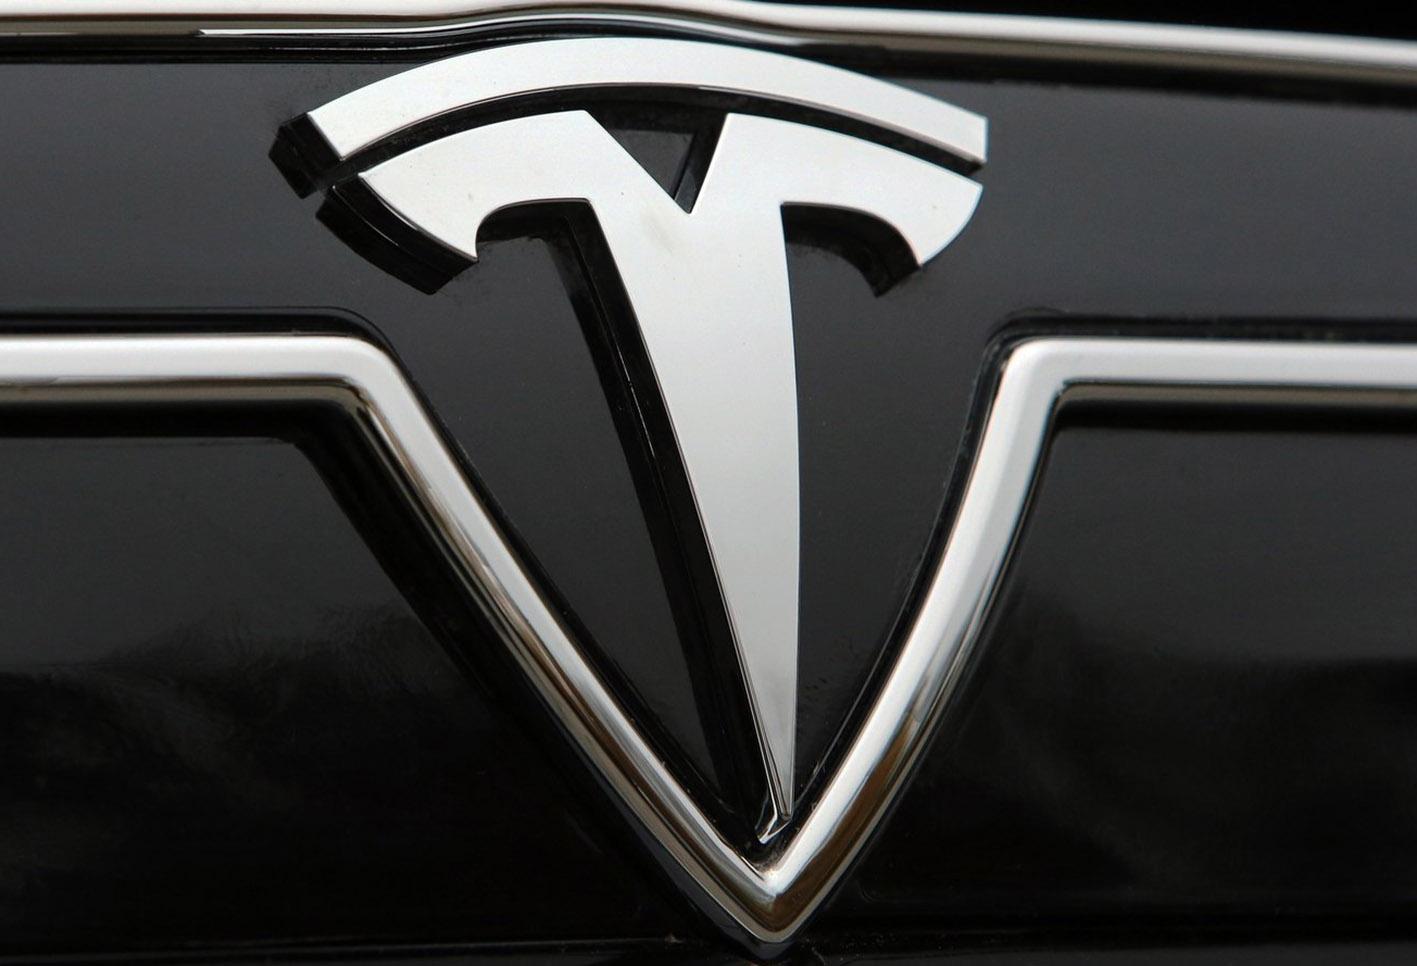 時価総額はトヨタ超え 新興メーカーのテスラがブランドを早期確立できた理由